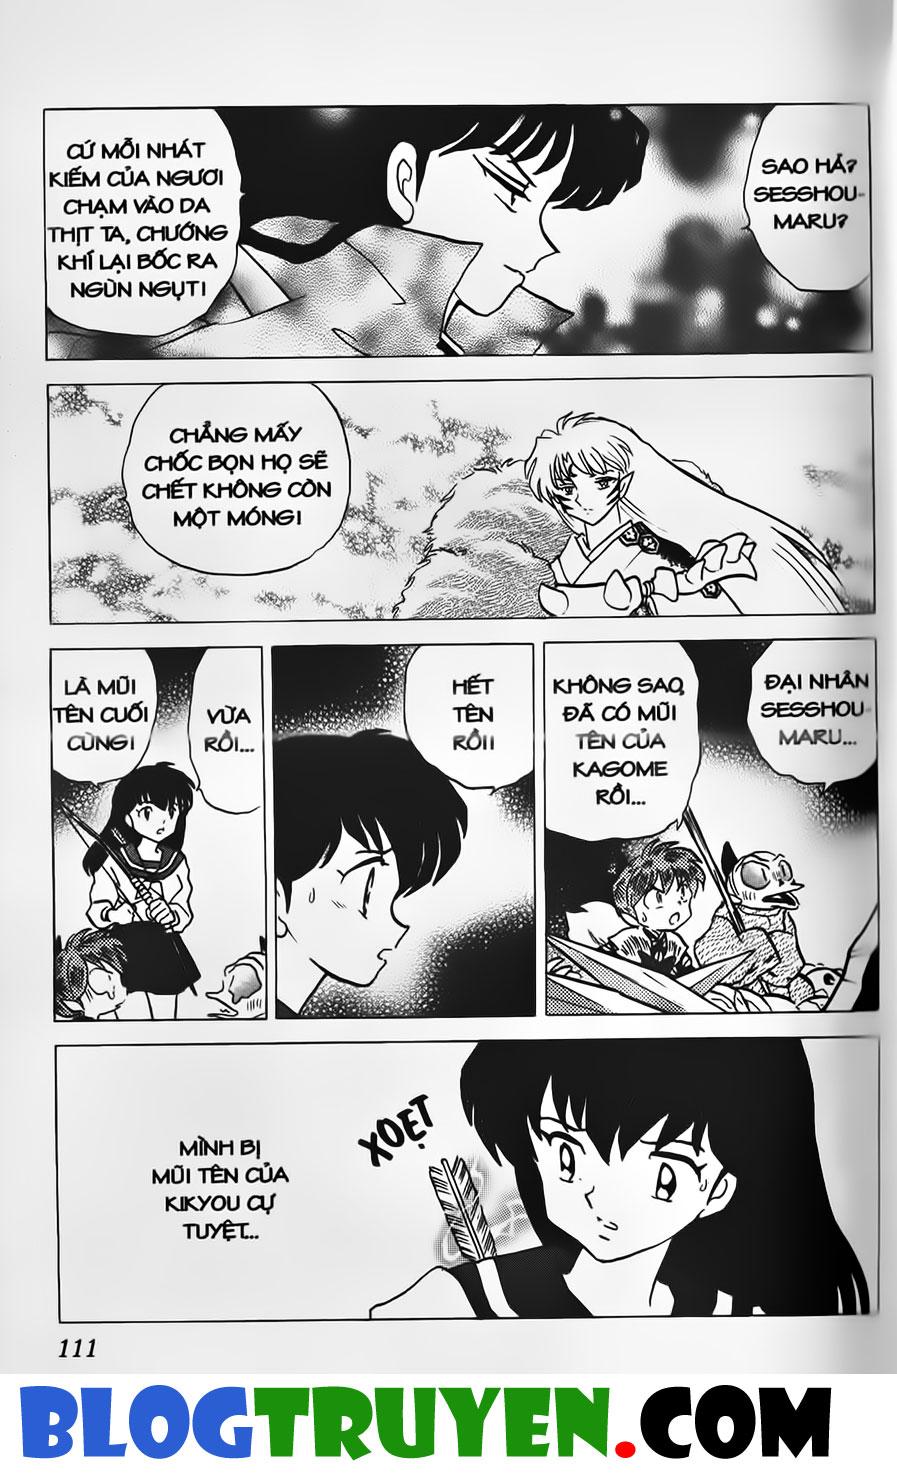 Inuyasha vol 33.6 trang 16